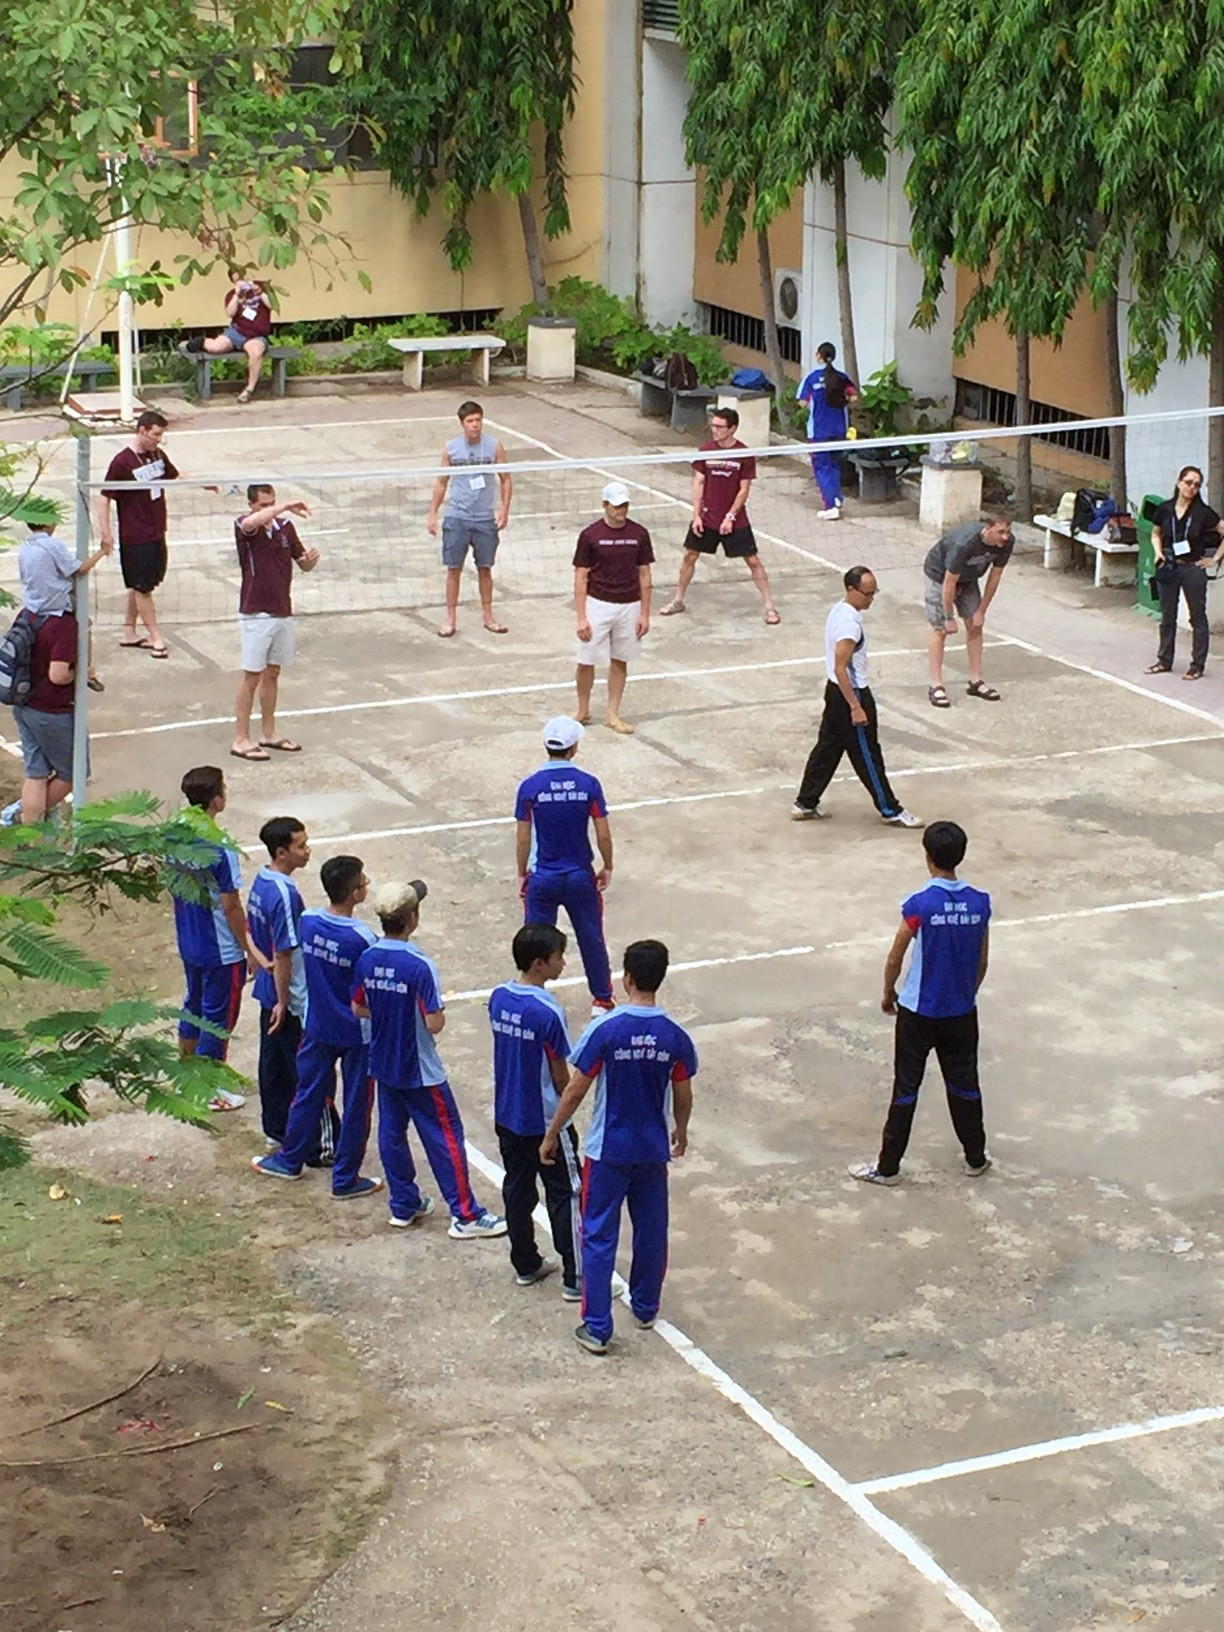 Intercollegiate volleyball